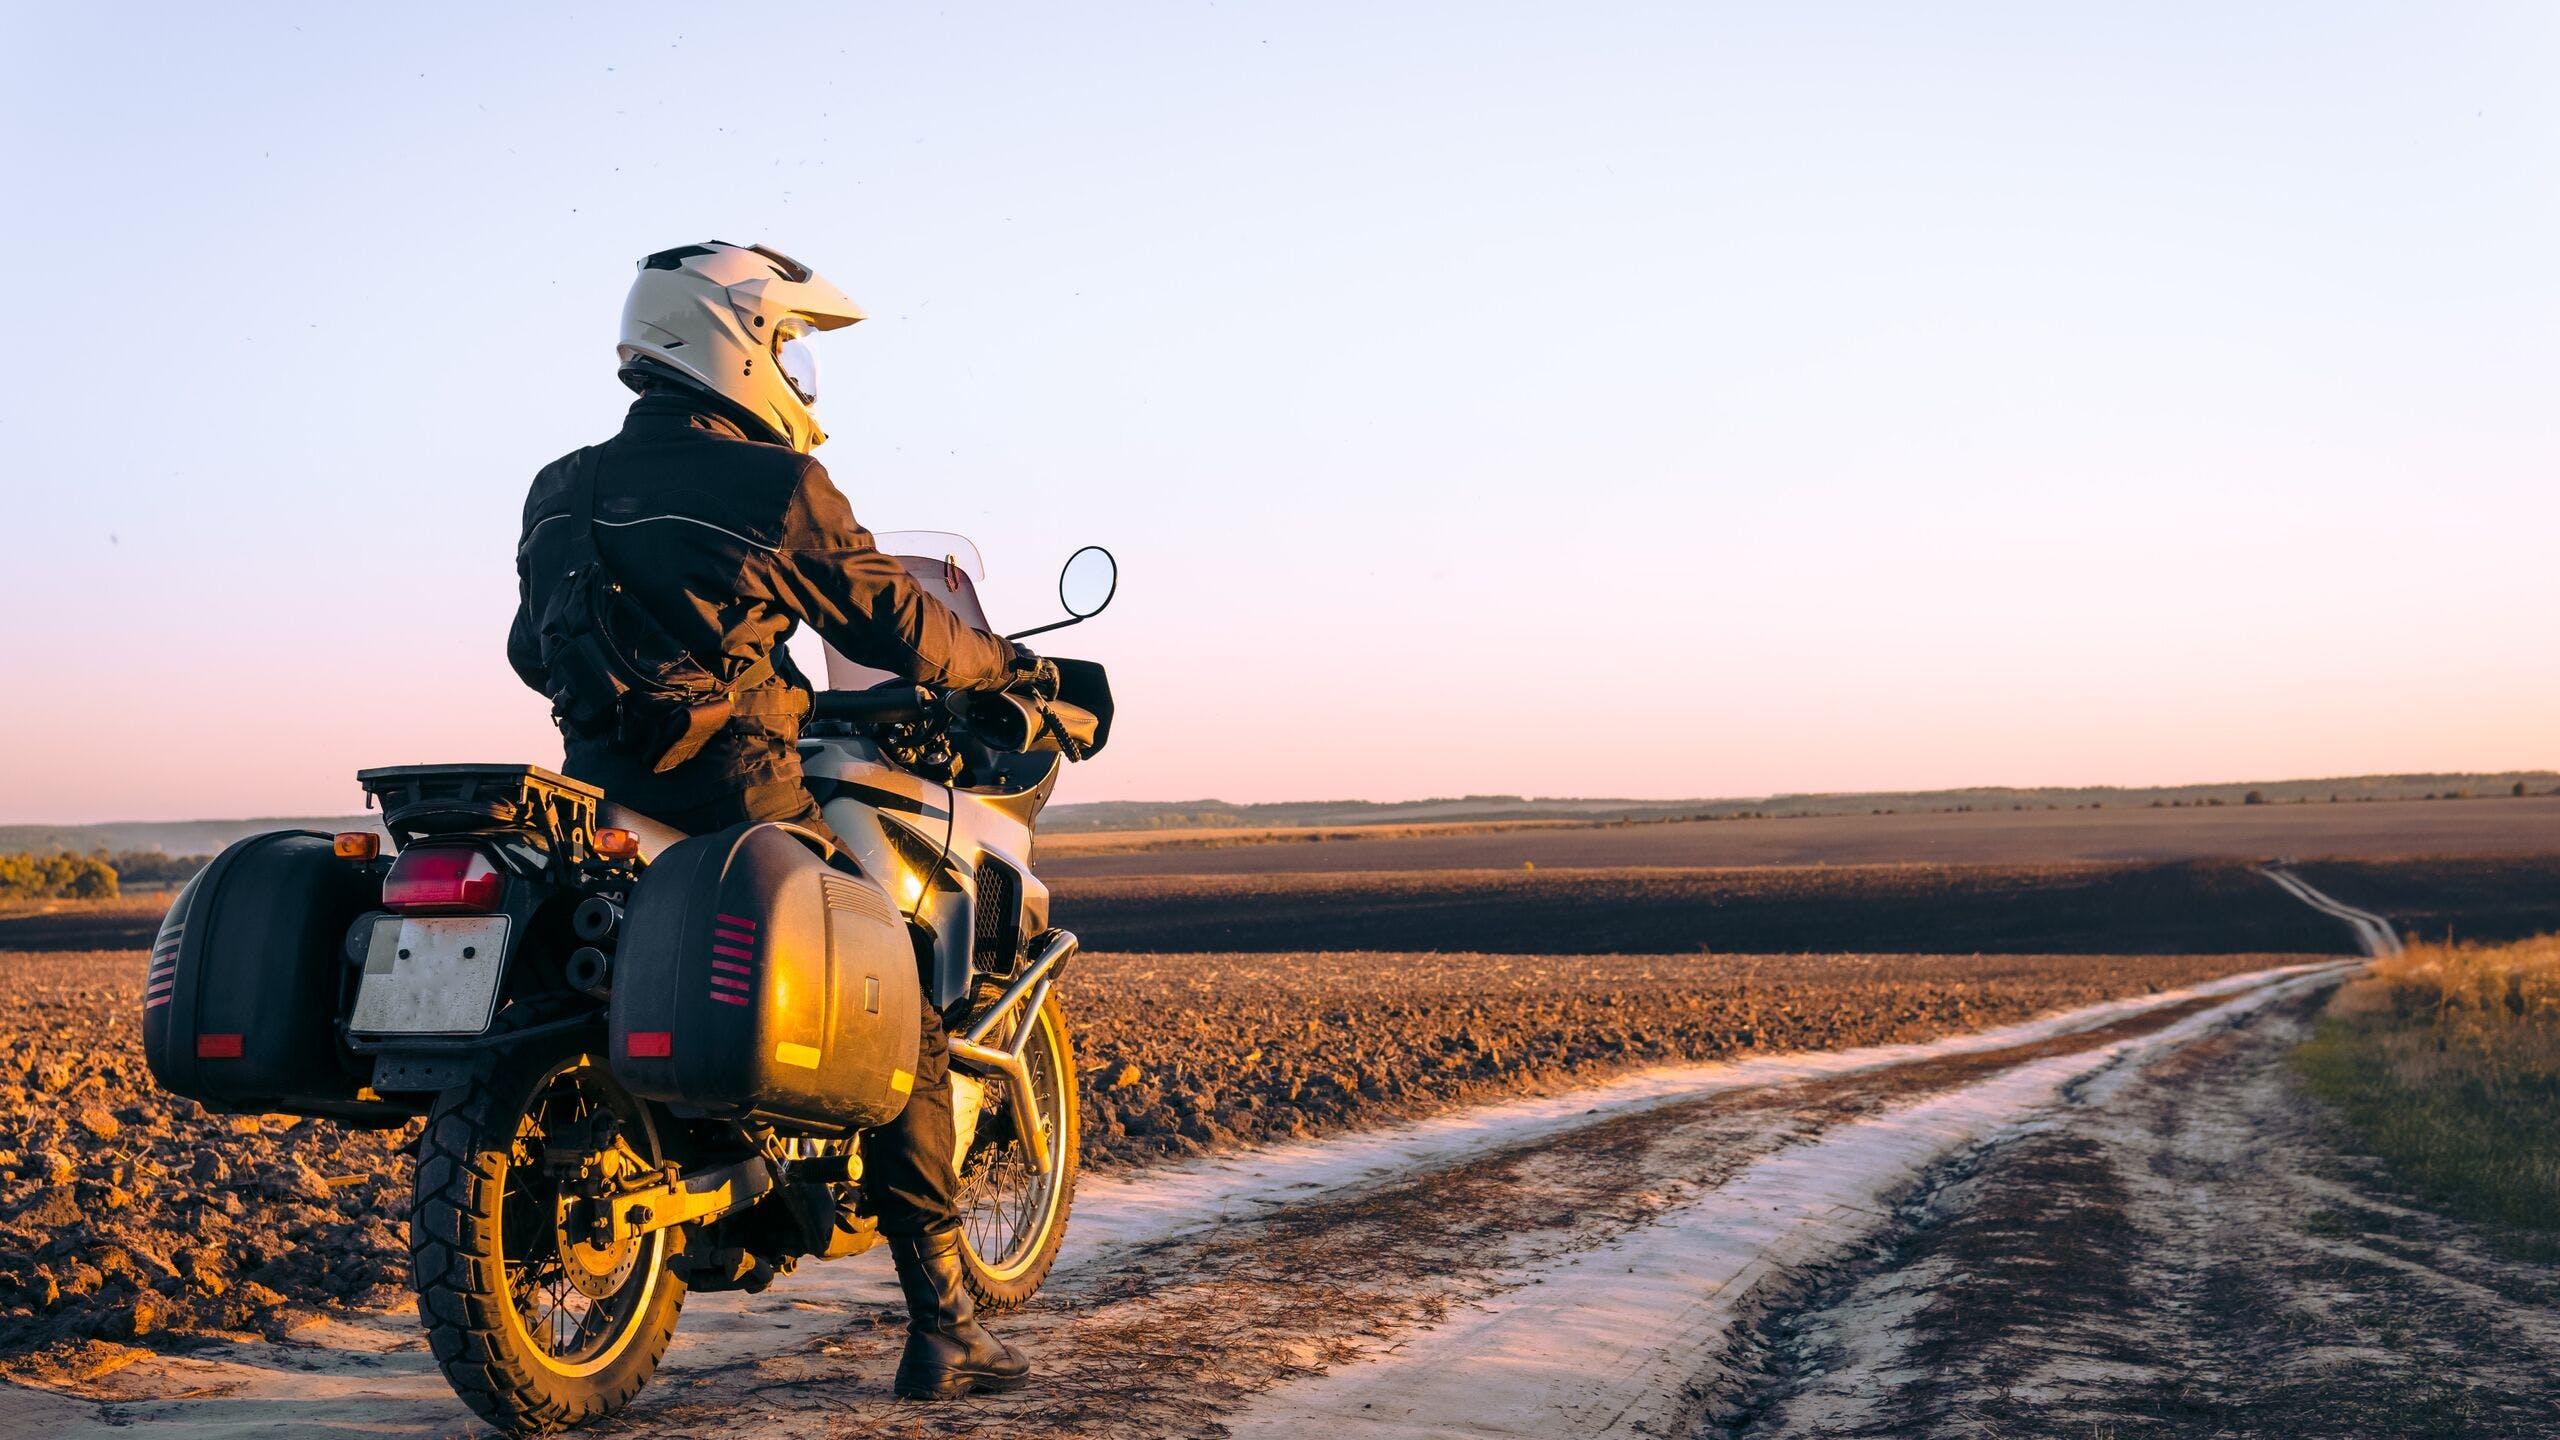 AXA Luxembourg : vol moto ou scooter - Ai-je droit à une indemnisation ? Comment cela se passe ?